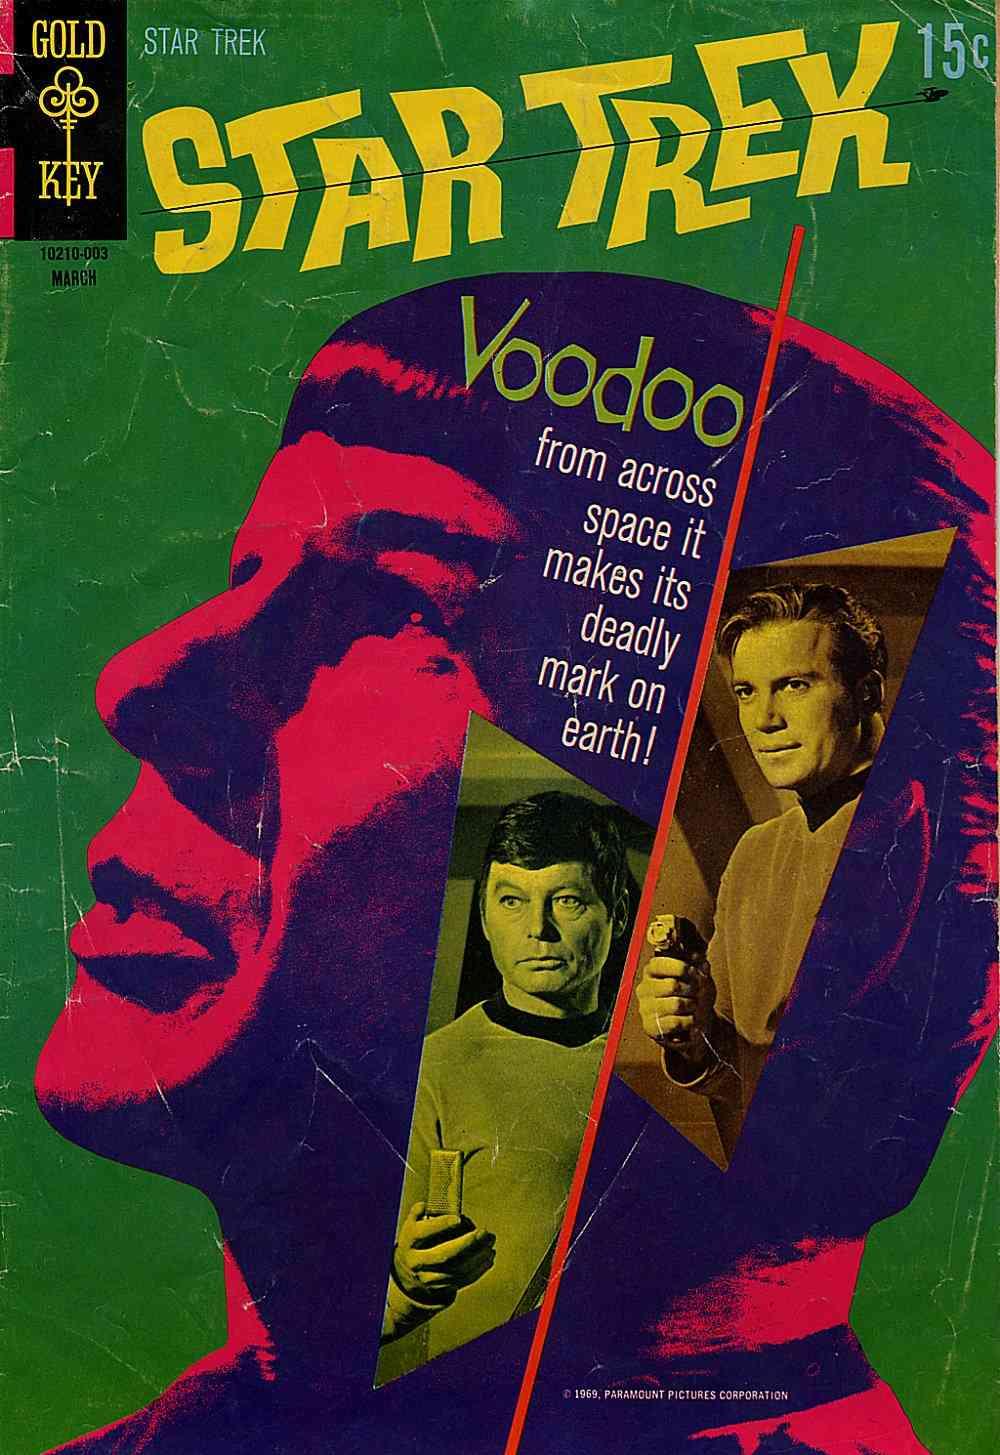 Star Trek (1967) issue 7 - Page 1